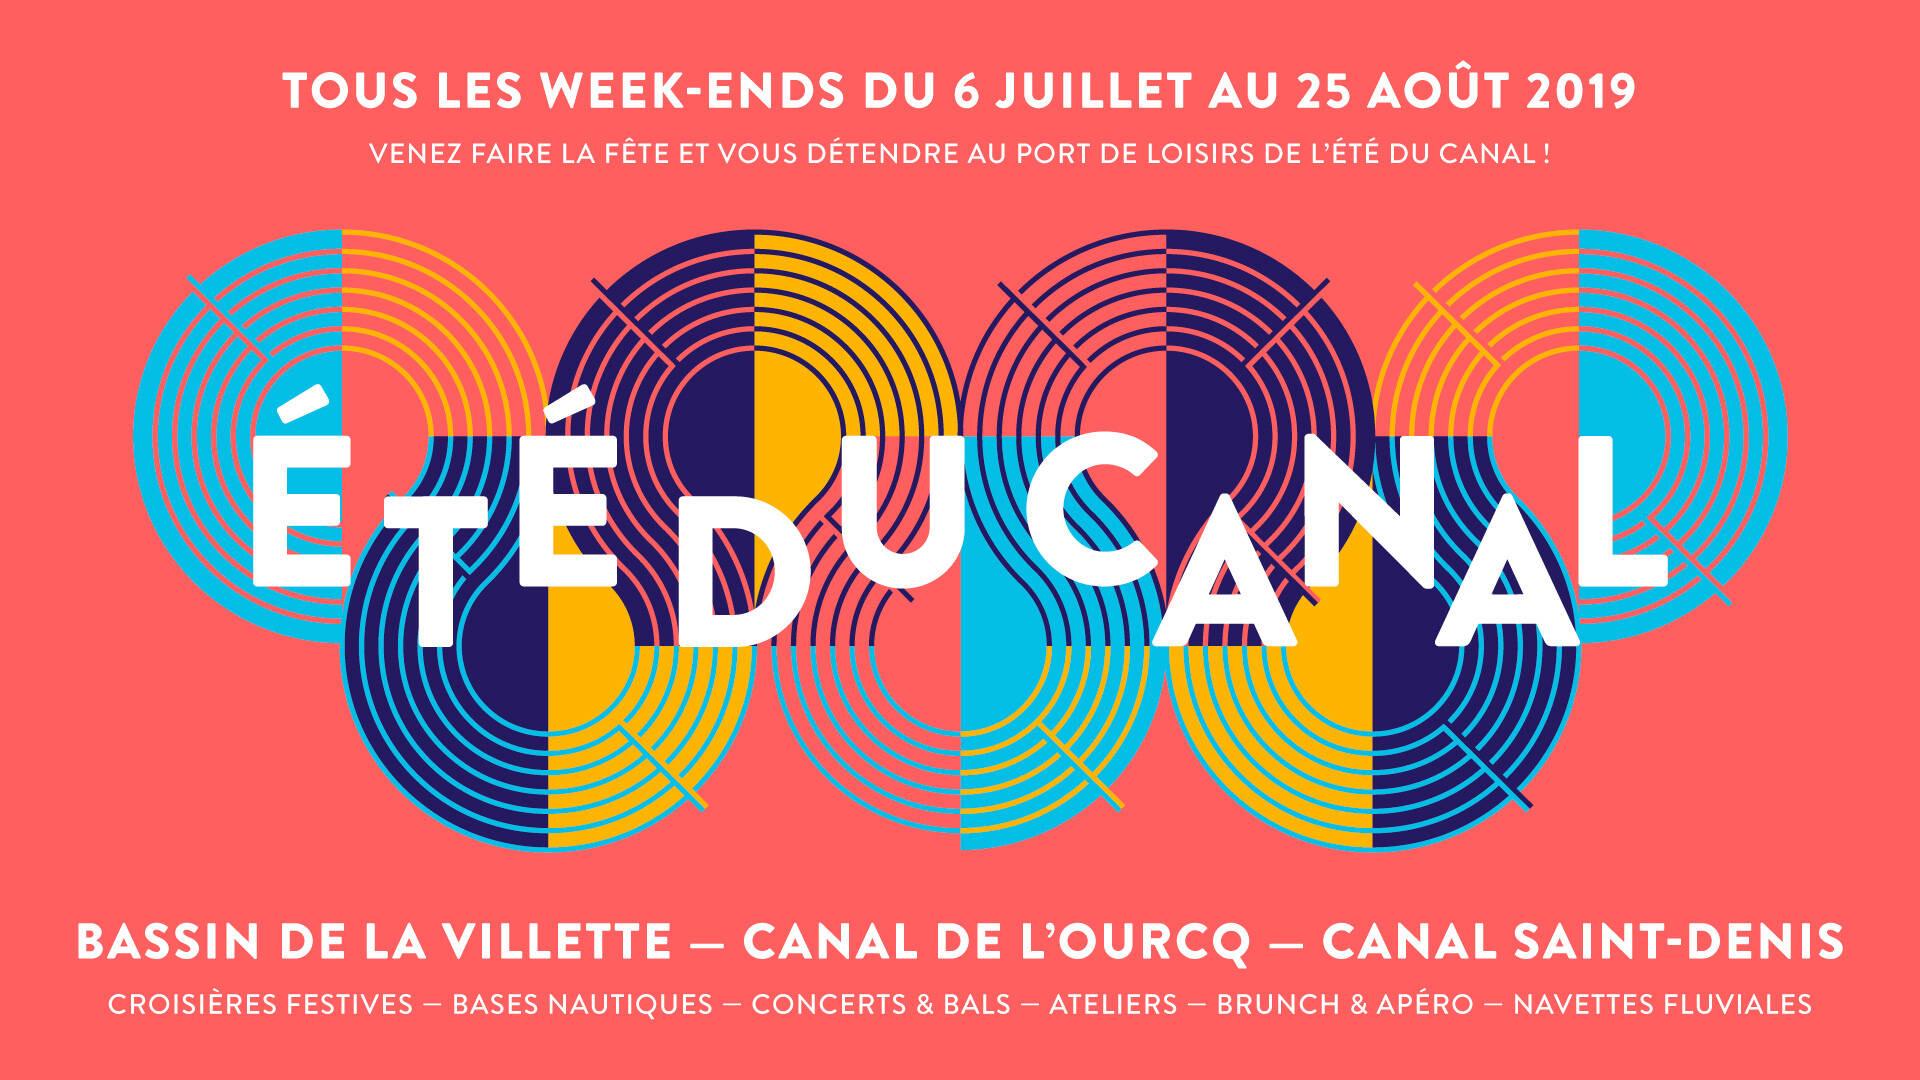 Été du Canal 2019_Seine-Saint-Denis tourisme_tourisme 93 _grand paris nord tourisme _plaine commune tourisme_festivités 93